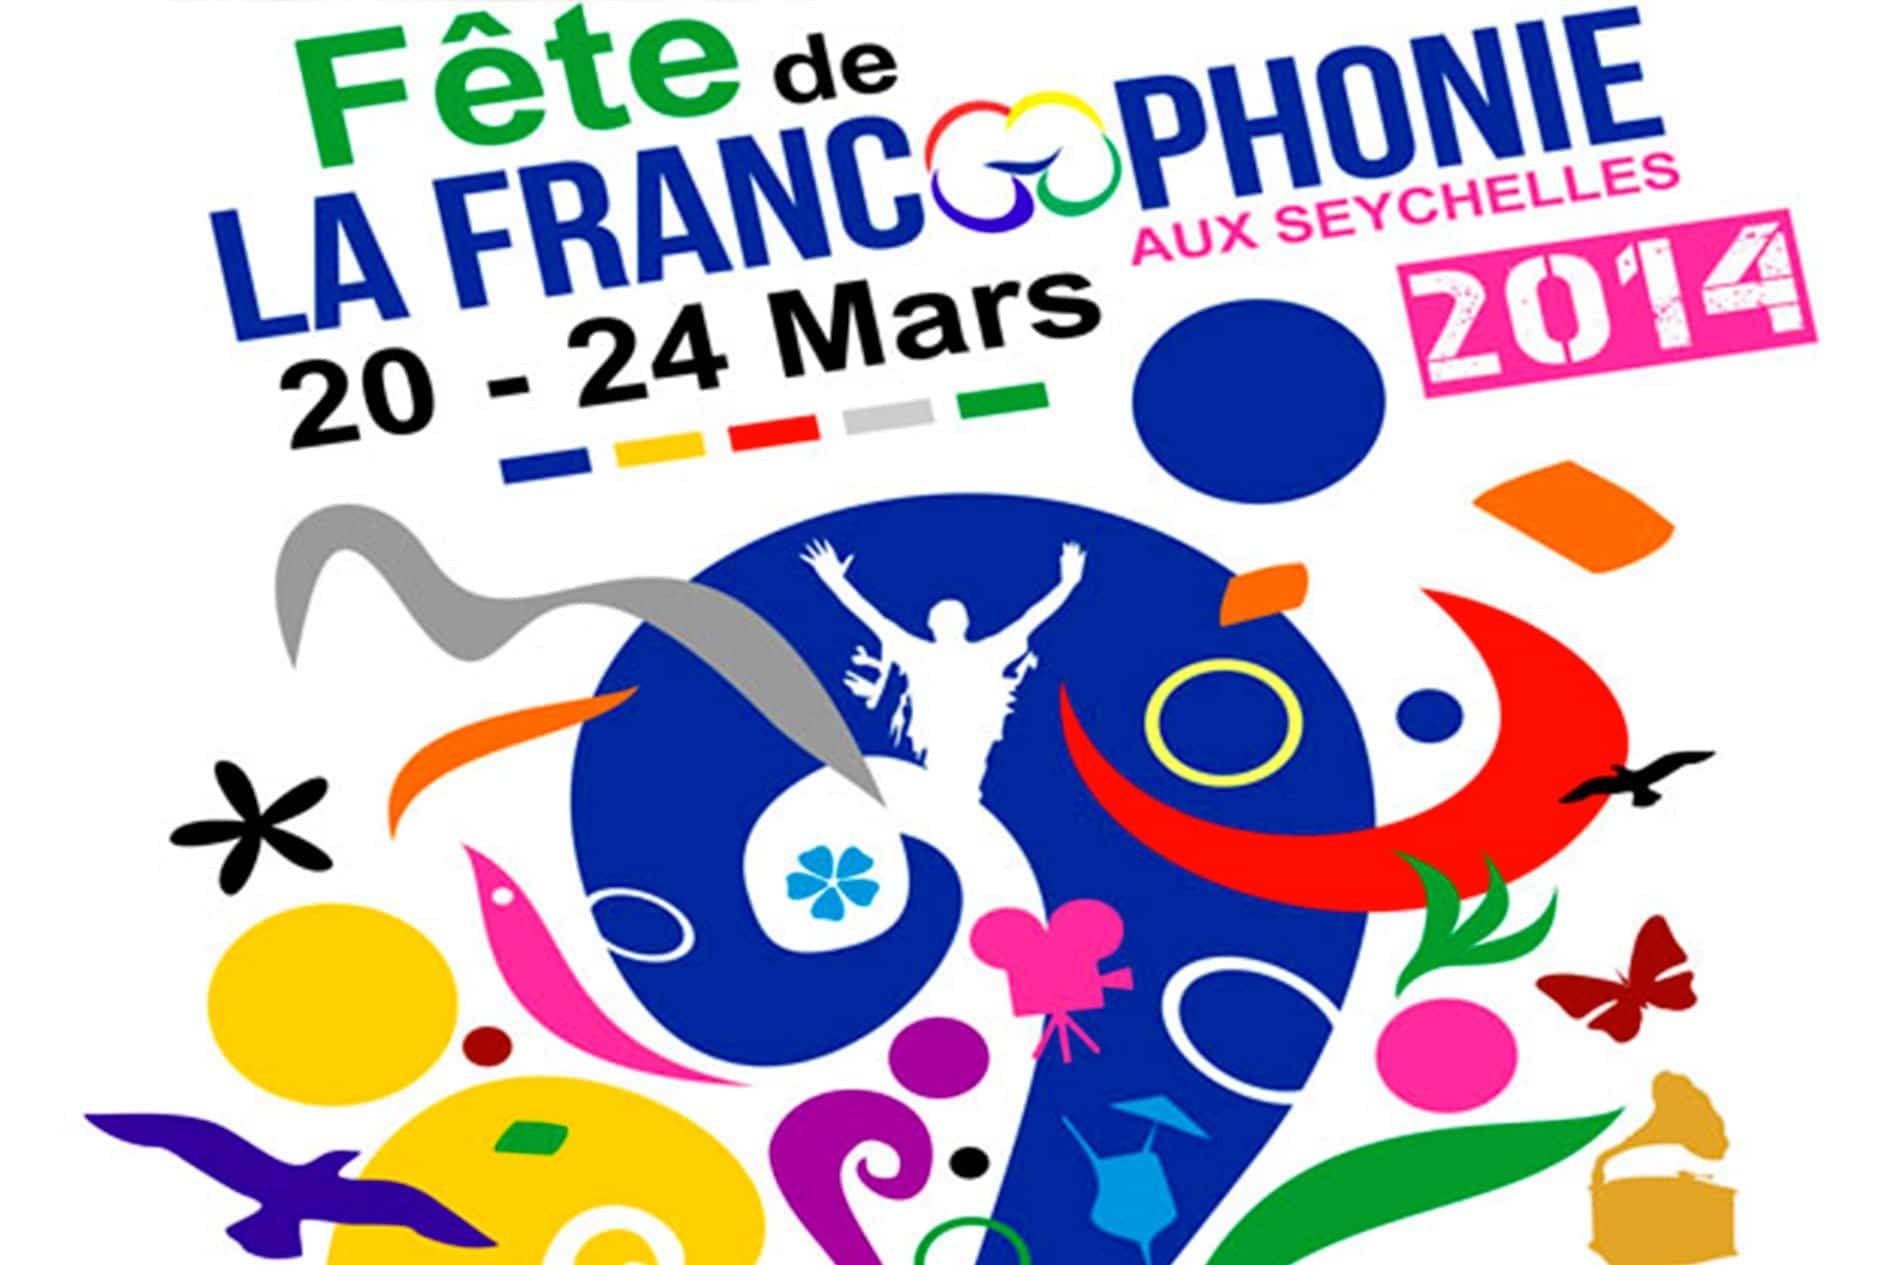 ACCEUIL-Fête de la francophonie aux Seychelles